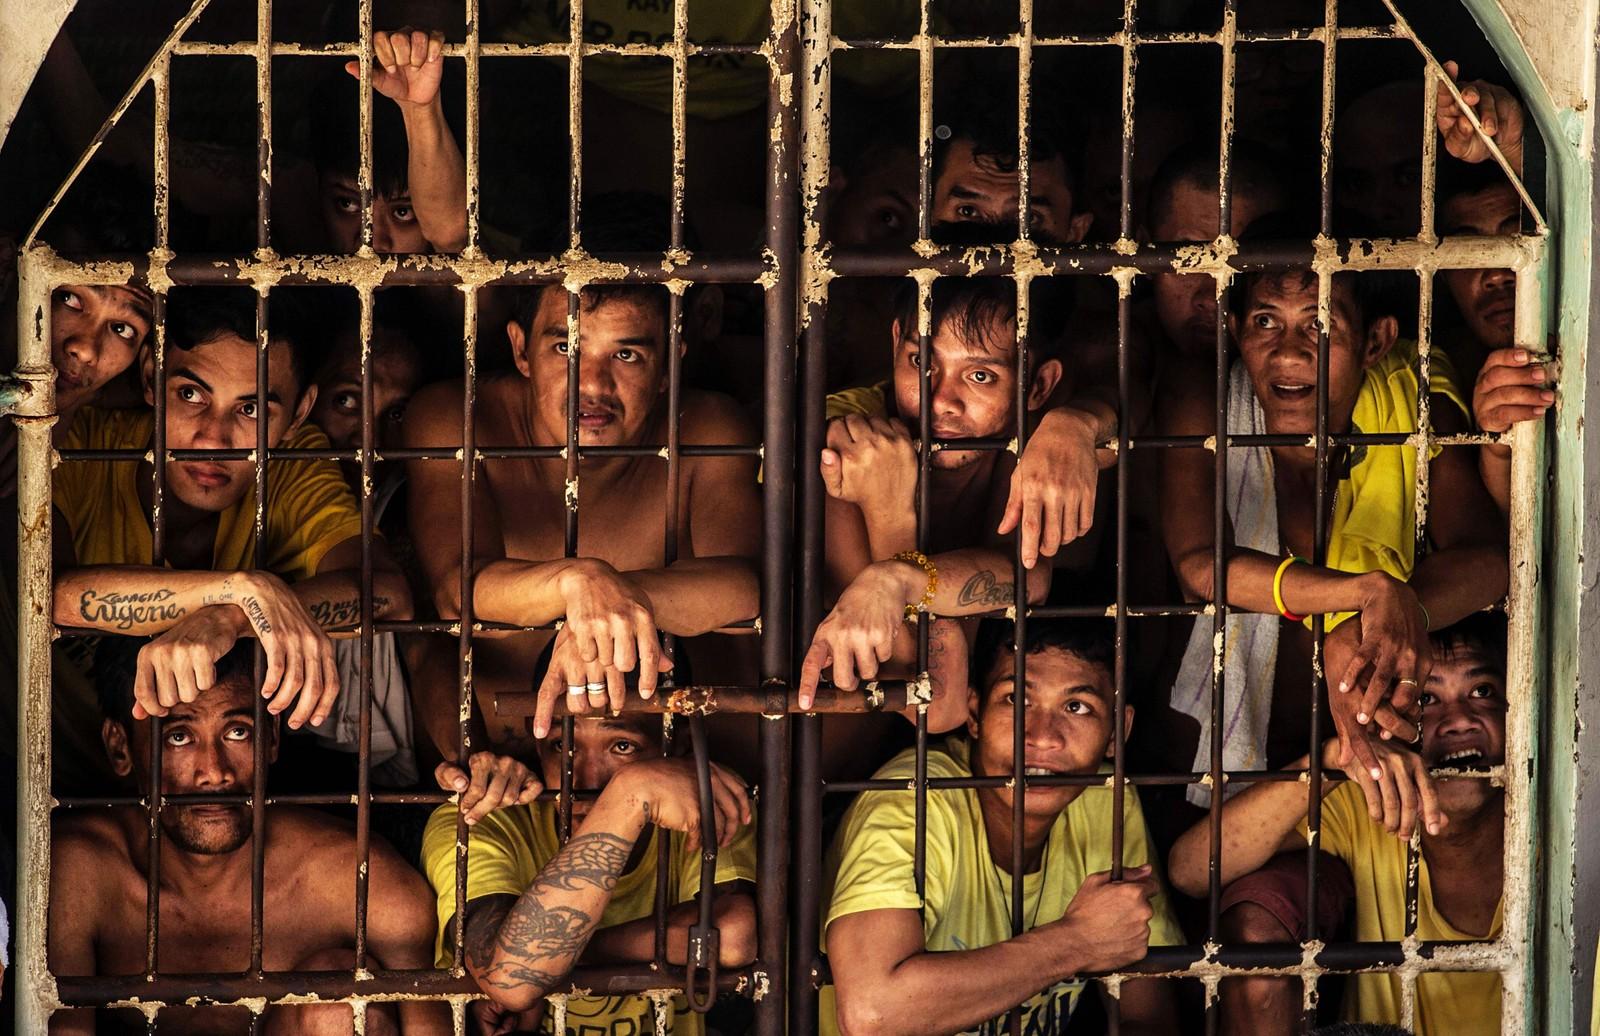 Bildene fra Quezon City-fengselet har ført til sammenligninger med Dantes «Inferno».